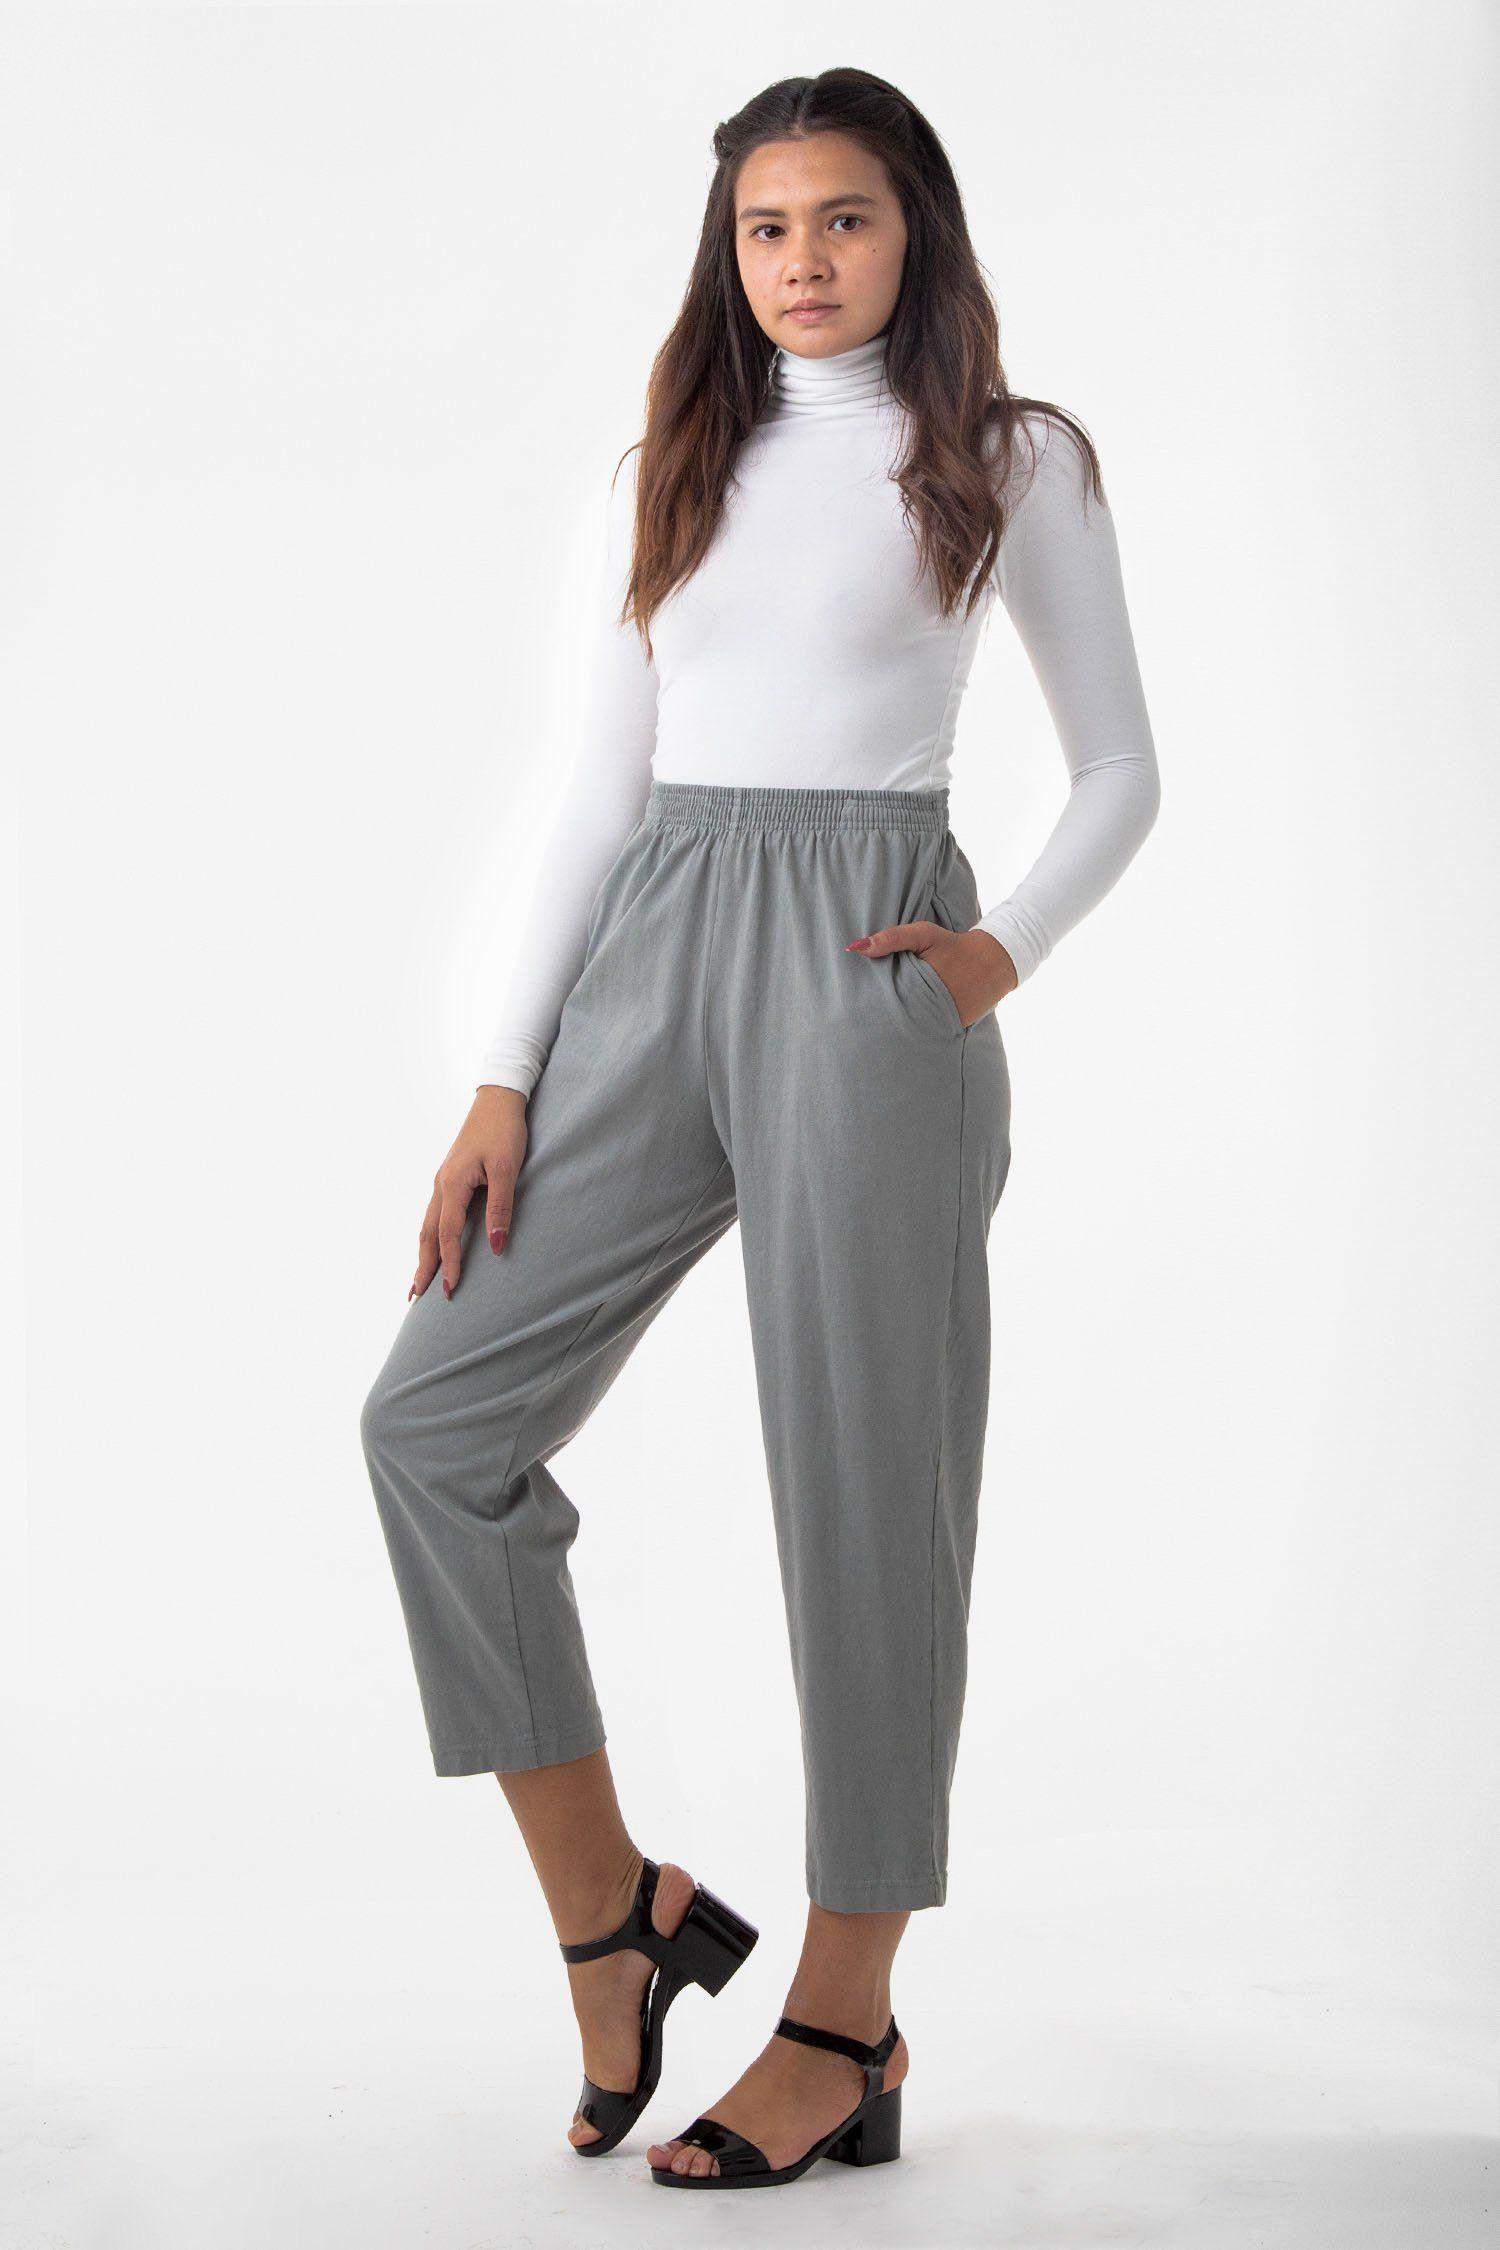 1215gd Heavy Jersey Garment Dye Casual Pants Clothes Garment Dye Casual Pants